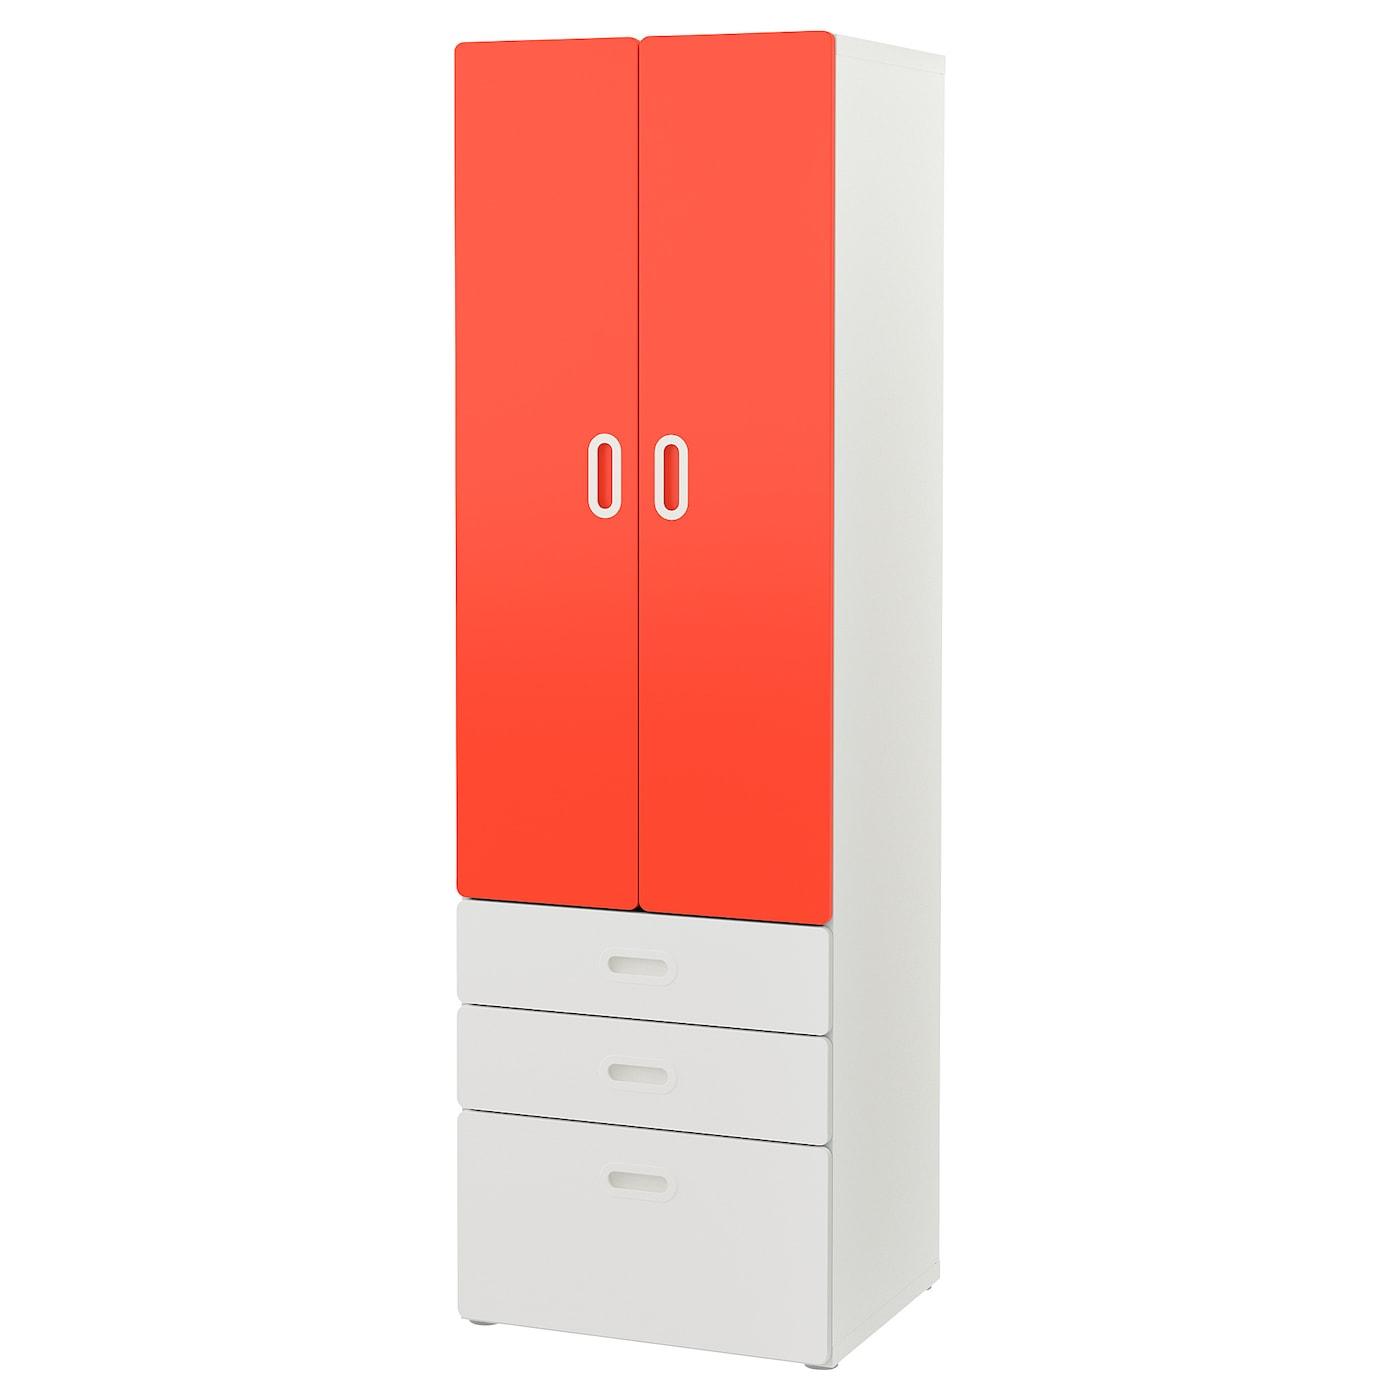 IKEA STUVA / FRITIDS Szafa, biały, czerwony, 60x50x192 cm